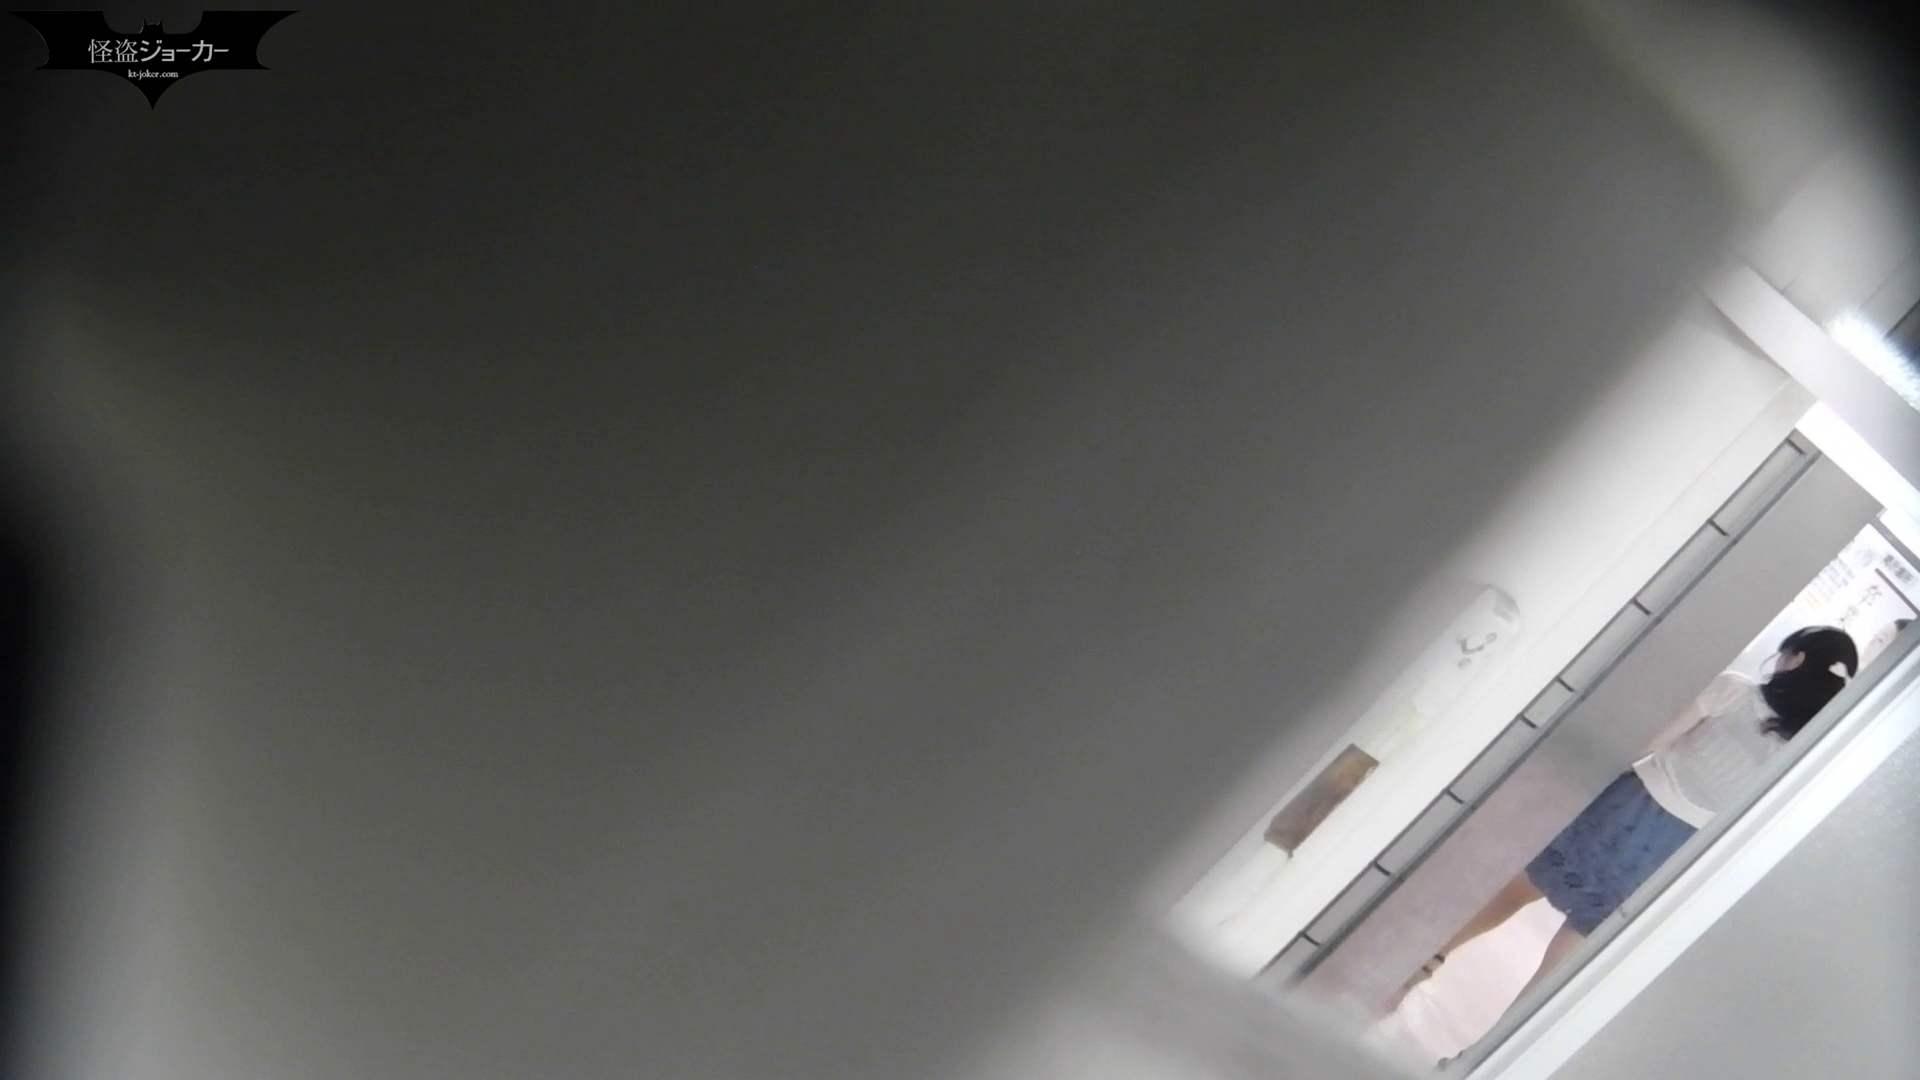 洗面所特攻隊 vol.047 モリモリ、ふきふきにスーパーズーム! 盛合せ 戯れ無修正画像 101枚 8